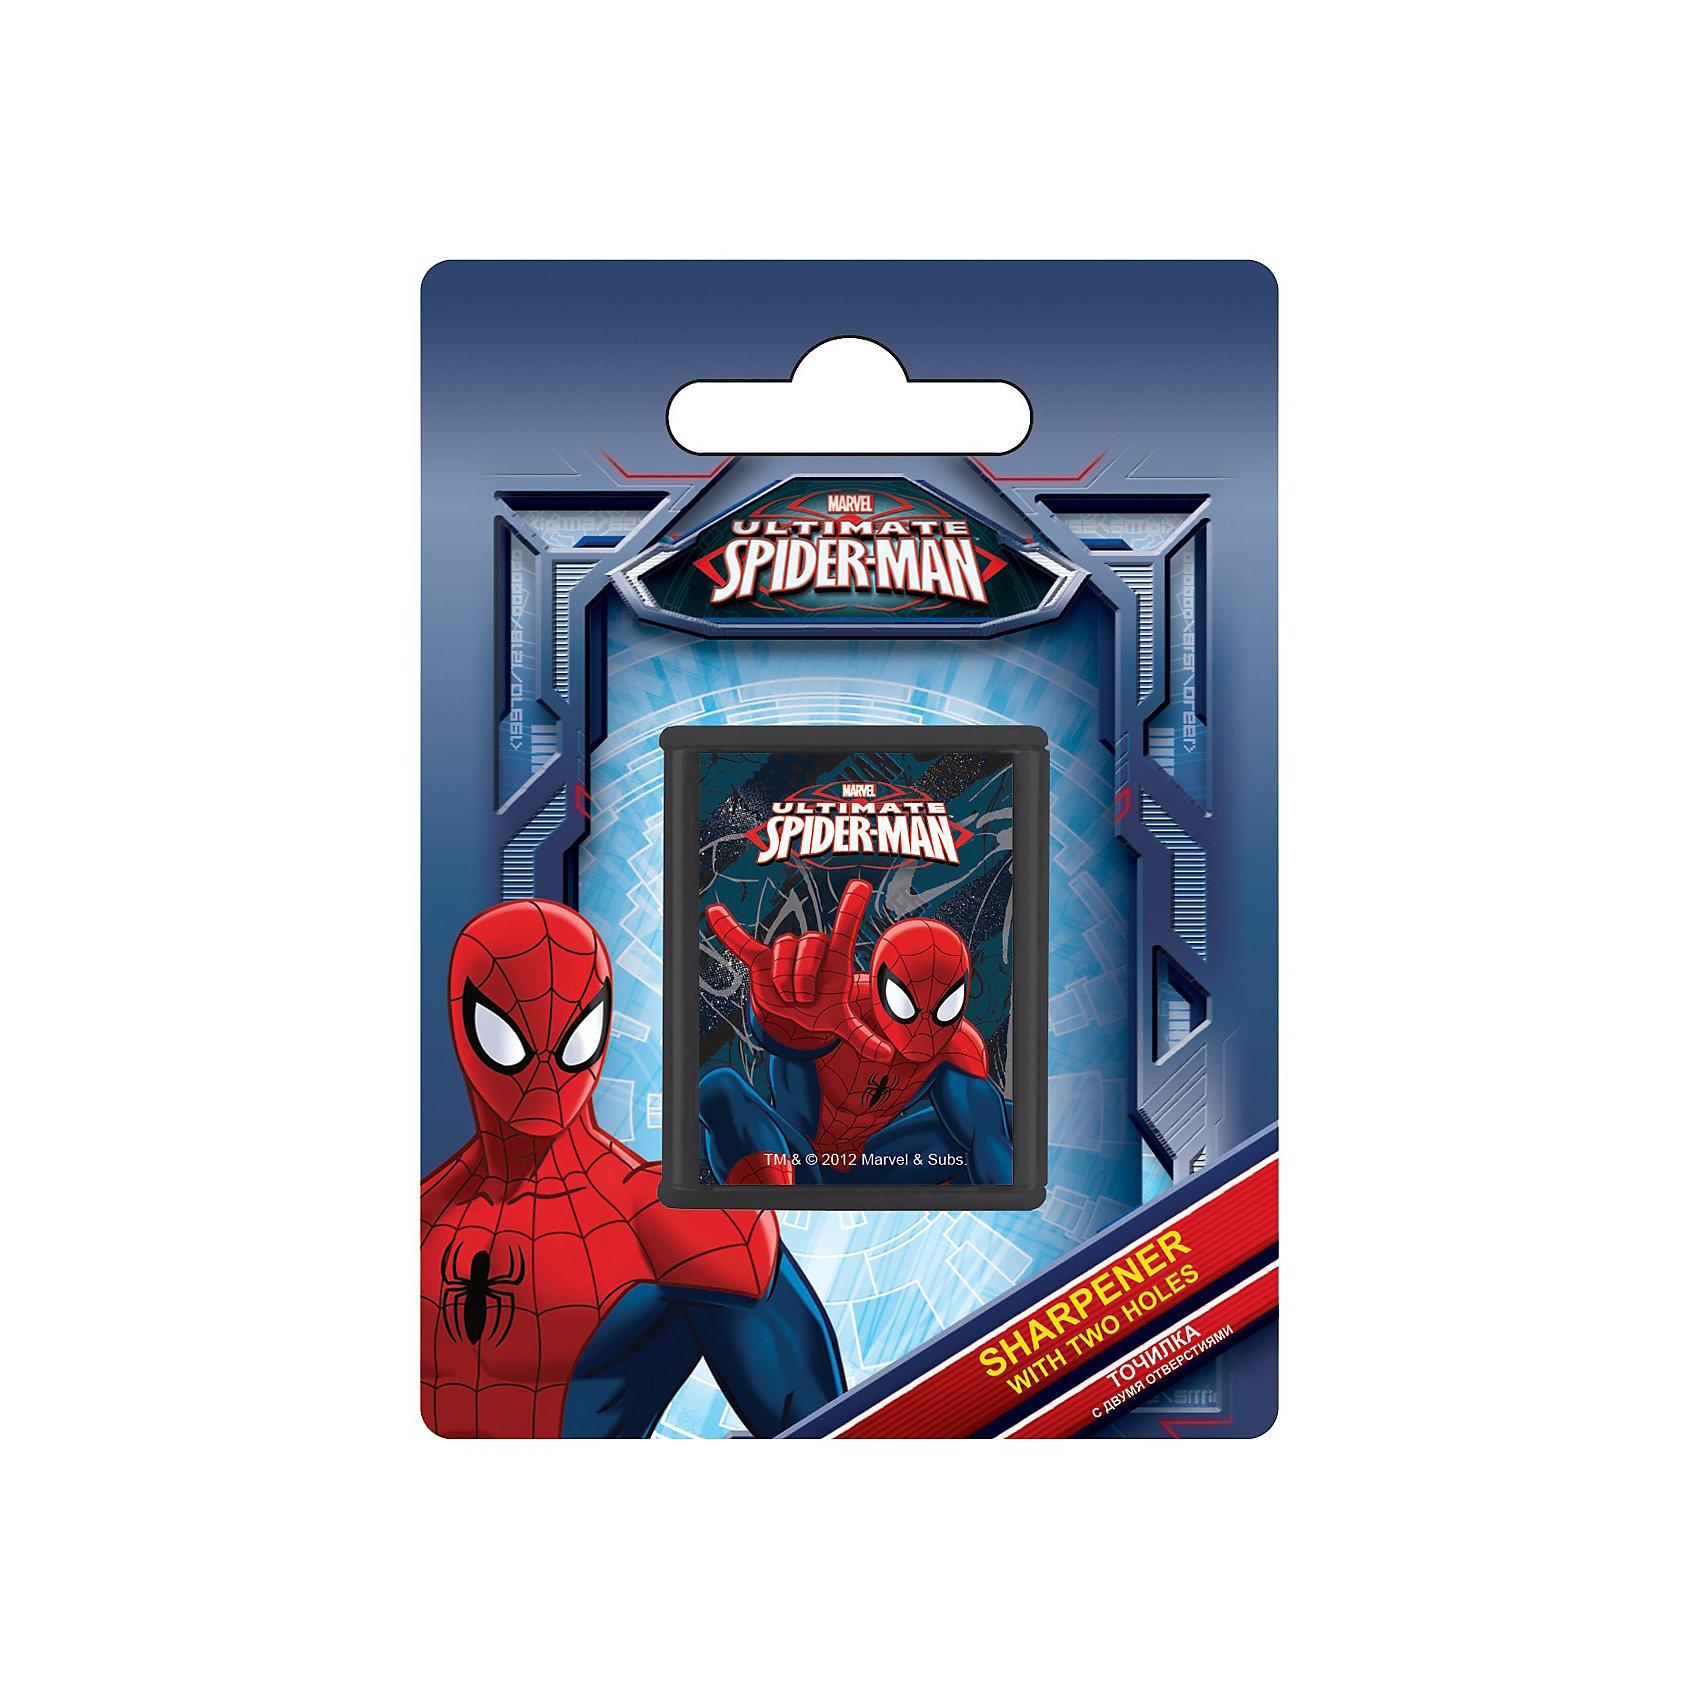 Точилка с двумя отверстиями, Человек-ПаукТочилка с двумя отверстиями, 1шт.  с изображением Spider Man станет прекрасным помощником Вашему  мальчику в школе! <br><br>Дополнительная информация:<br> <br>- размер 11х 8 х 2,5 см.<br> <br>Карандаши Вашего мальчика всегда будут готовы к работе!<br><br>Точилку с двумя отверстиями, Человек-паук можно купить в нашем магазине.<br><br>Ширина мм: 110<br>Глубина мм: 80<br>Высота мм: 25<br>Вес г: 21<br>Возраст от месяцев: 48<br>Возраст до месяцев: 84<br>Пол: Мужской<br>Возраст: Детский<br>SKU: 3562997